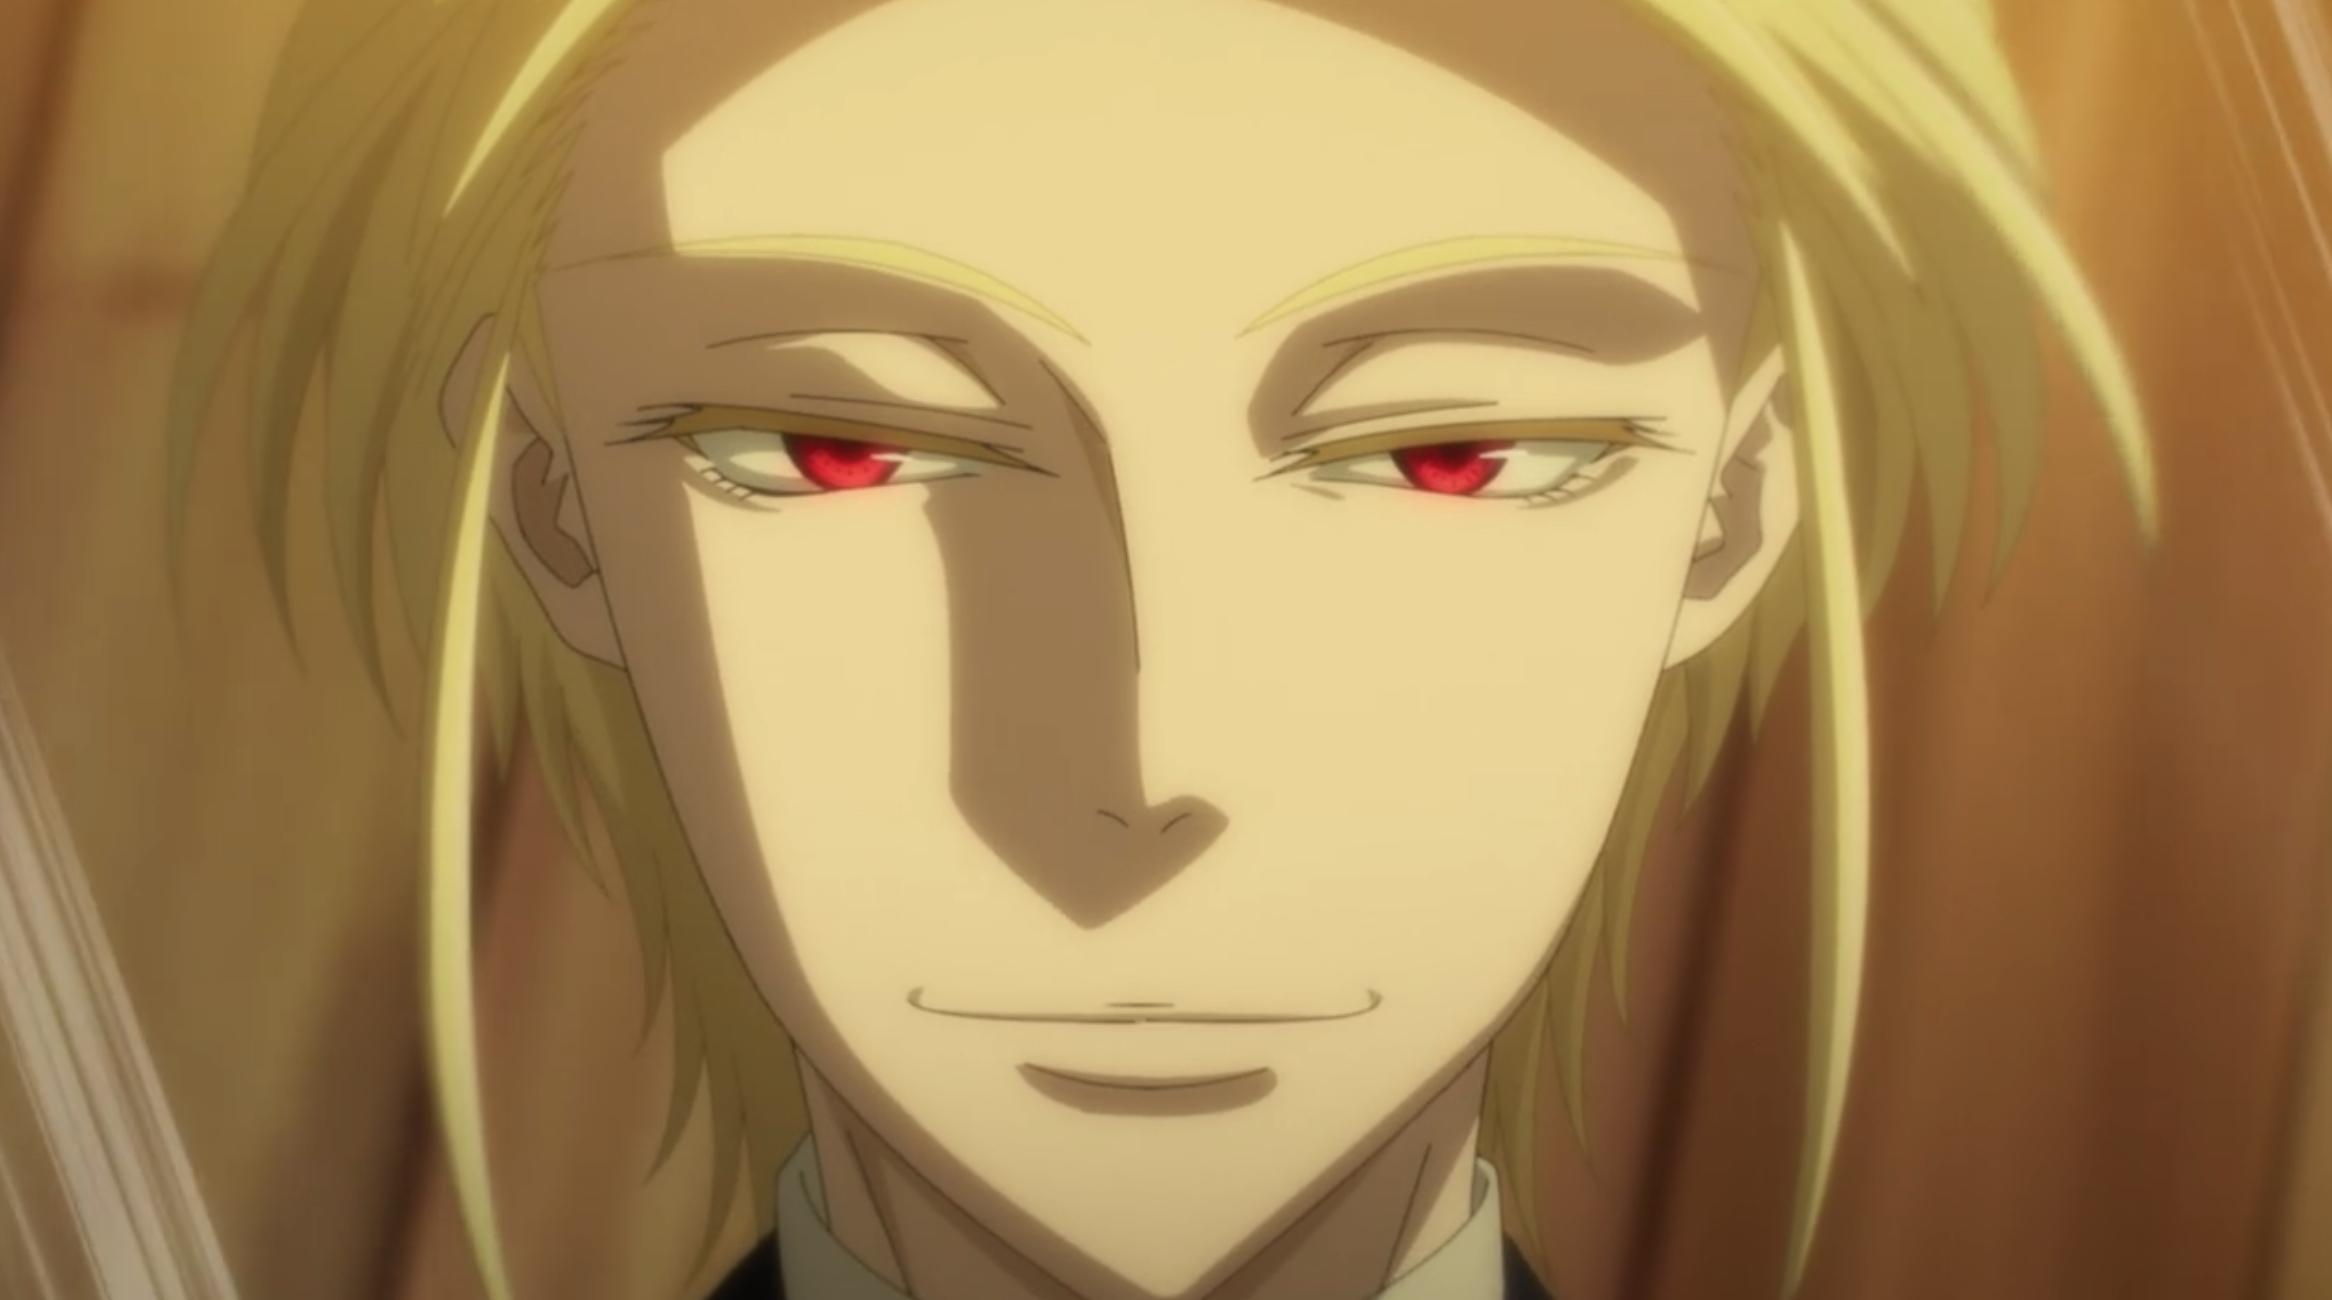 TVアニメ「憂国のモリアーティ」7話感想 豪華客船で悲劇が始まる!モリアーティ一味の工作に気づいたシャーロックと対峙